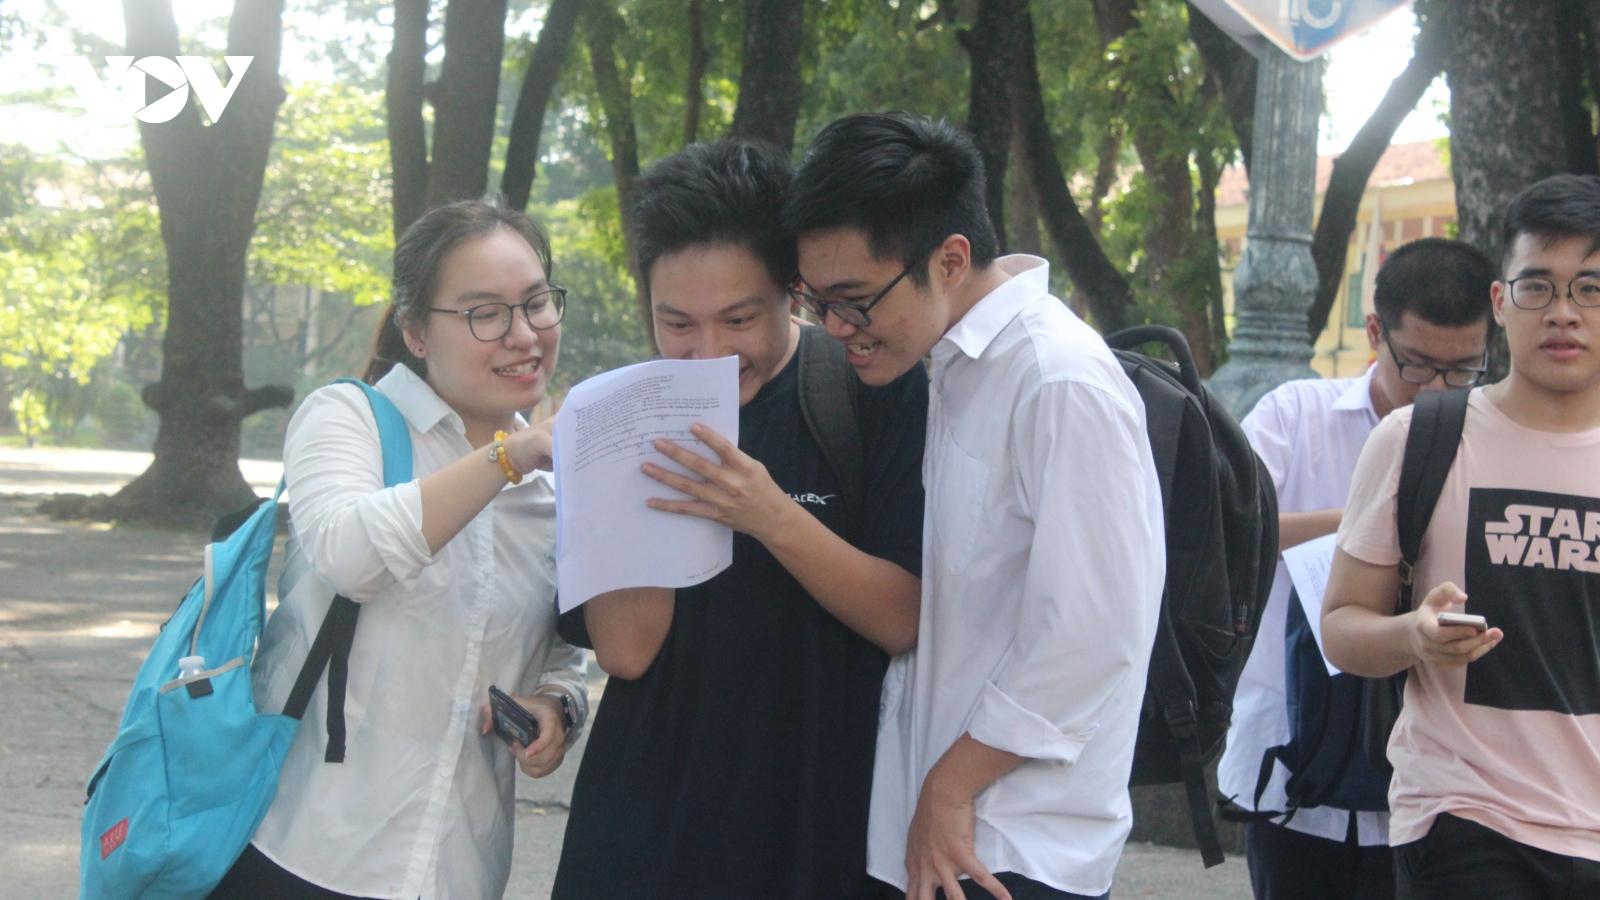 Bắc Giang và Bắc Ninh đề xuất phương án thi tốt nghiệp THPT 2 đợt